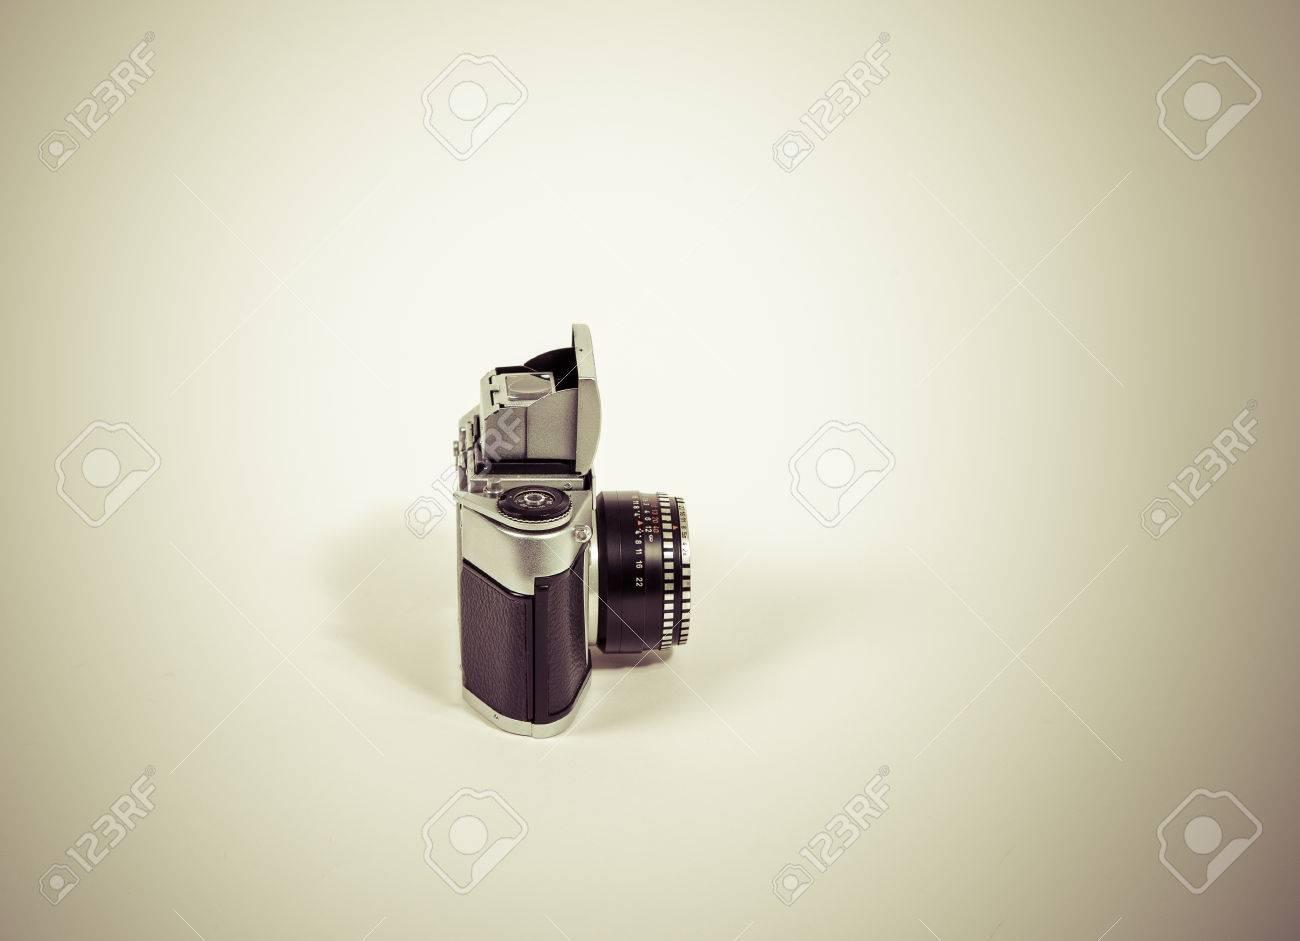 Analoge Kamera Standard-Bild - 30153880